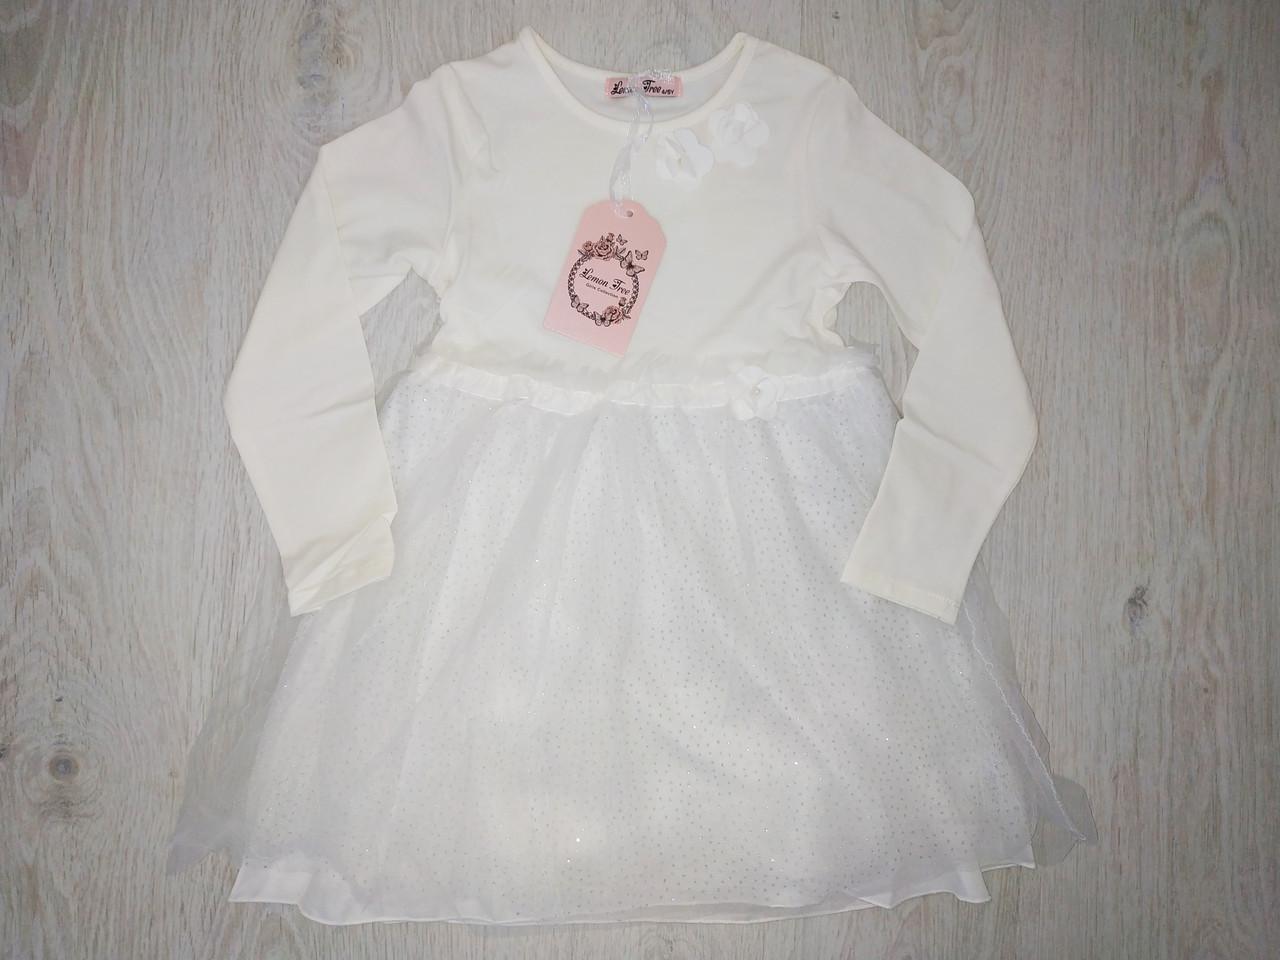 Платья для девочек микро-флис, Венгрия, Lemon Tree, рр. 4-5 лет, арт.7906,